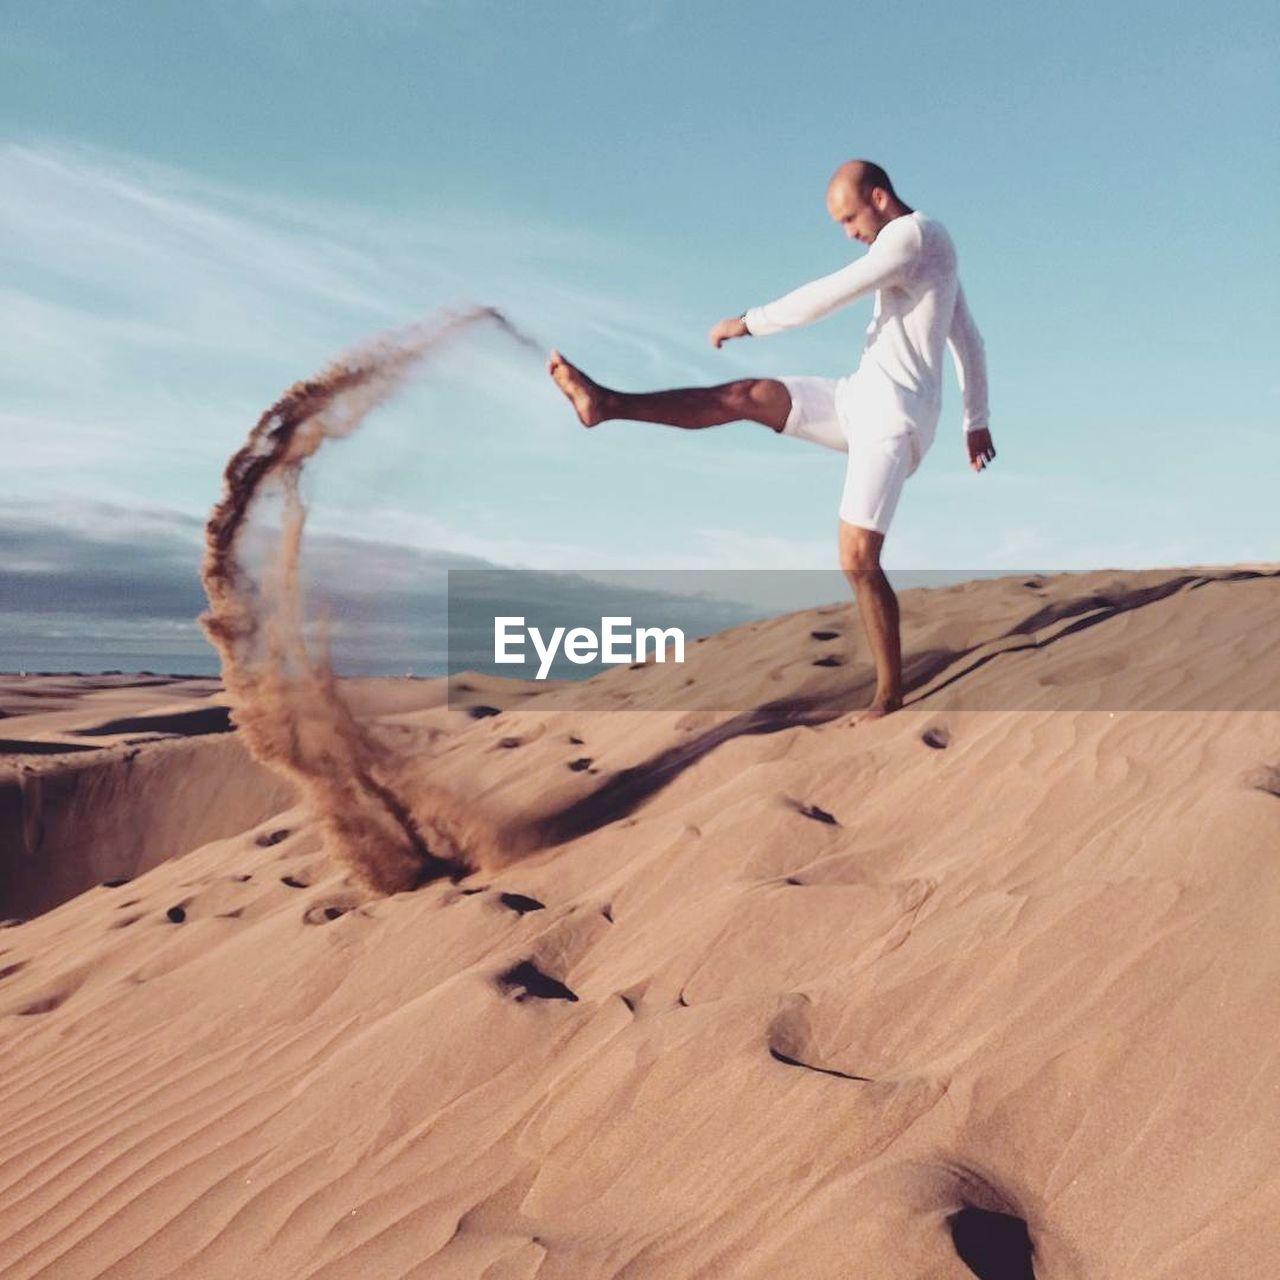 Full length of man kicking sand at maspalomas desert